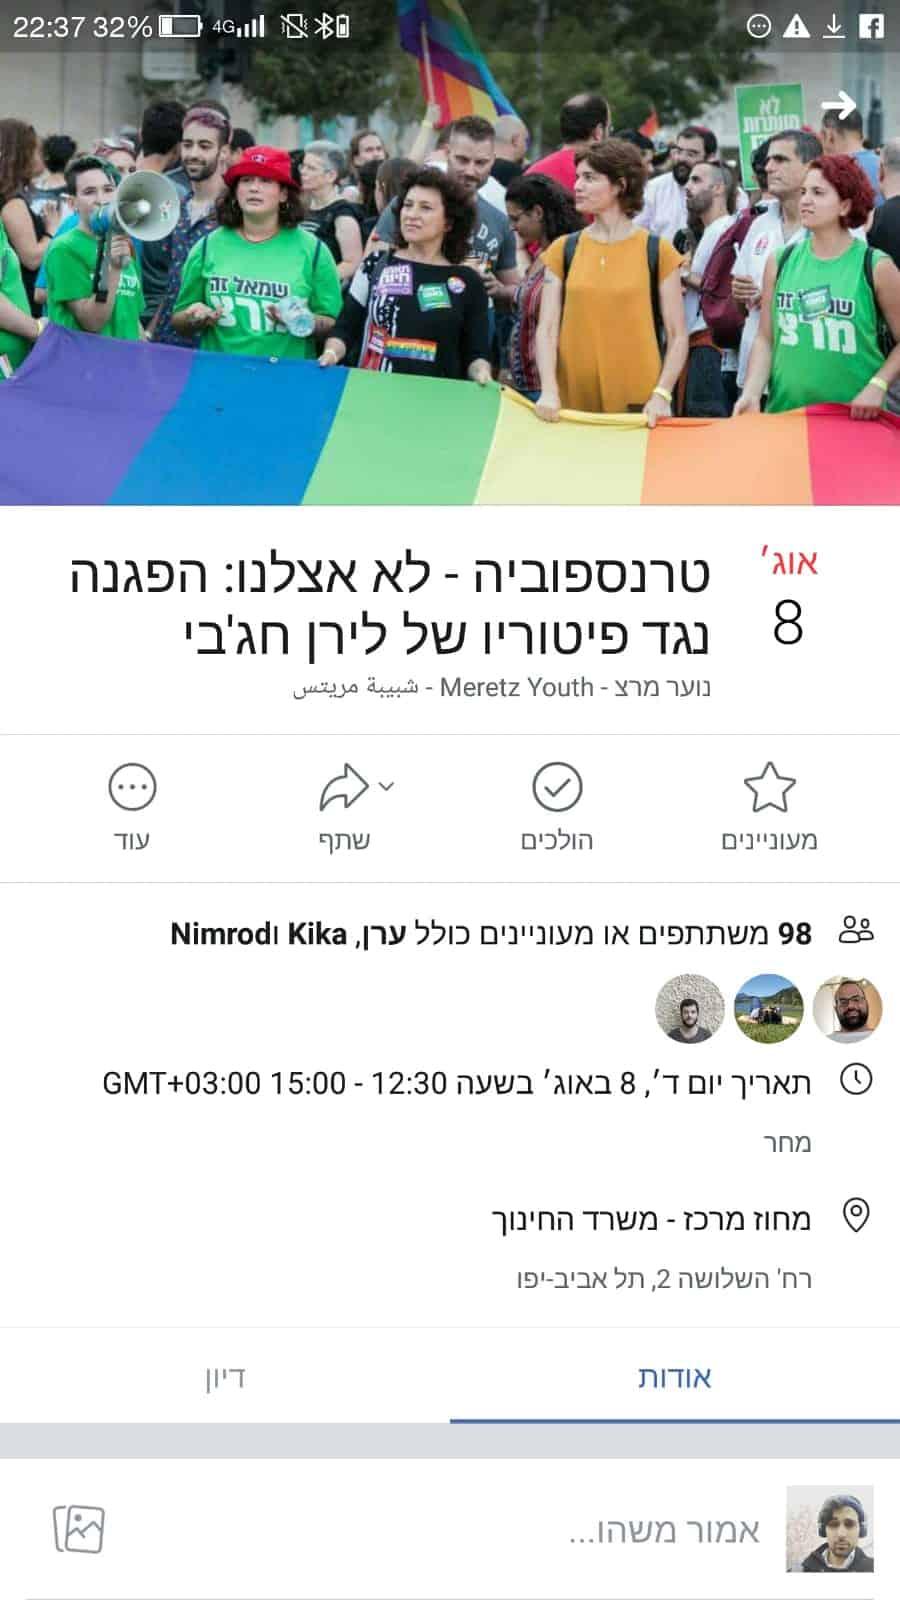 הקריאה להפגנה היום, צילום מסך מהפייסבוק